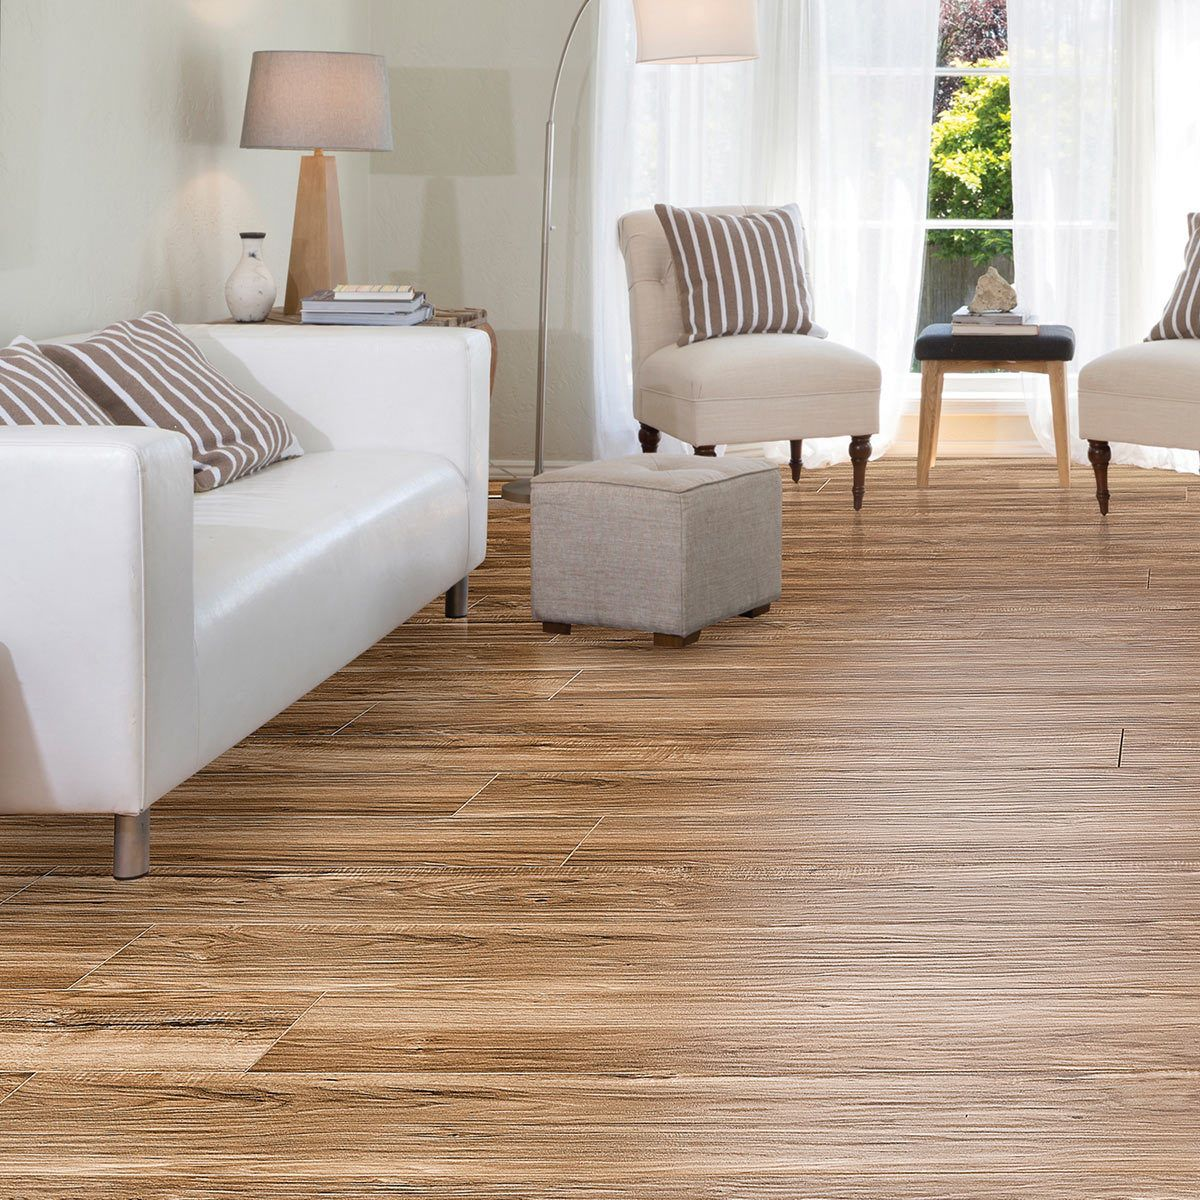 Walnut Laminate Flooring, Walnut Laminate Flooring Costco